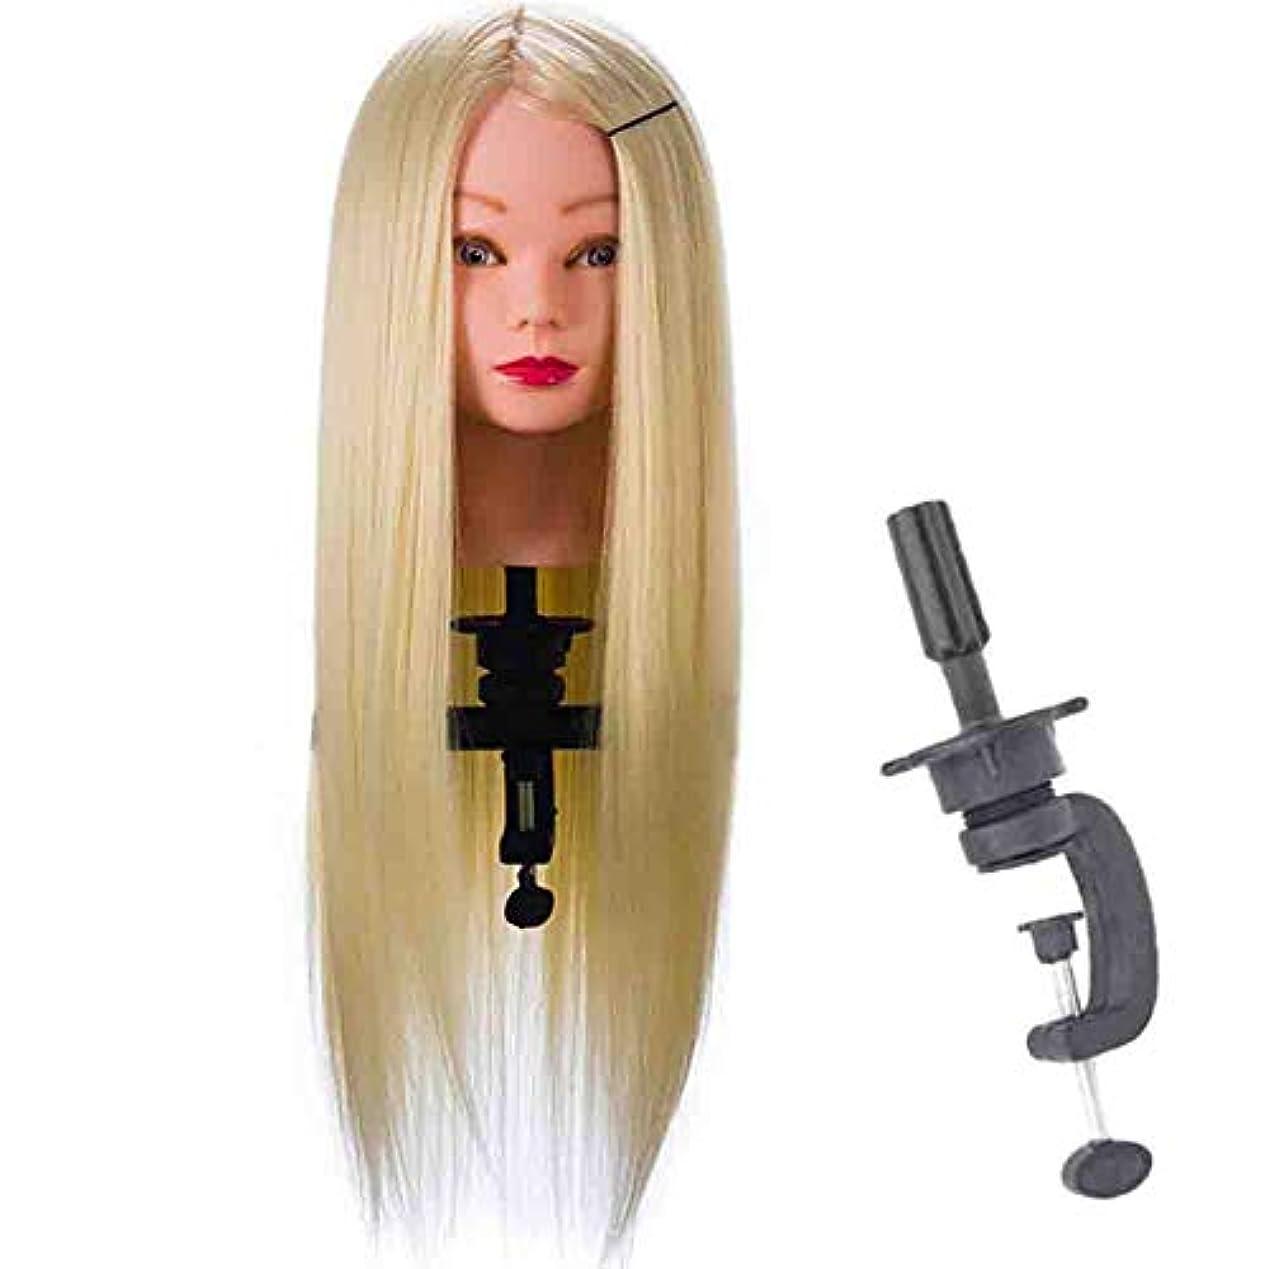 テザー必要性はぁシミュレーションウィッグヘッドダイドールヘッドモデルエクササイズディスクヘアブレードヘアメイクスタイリングヘアサロンダミーマネキンヘッド